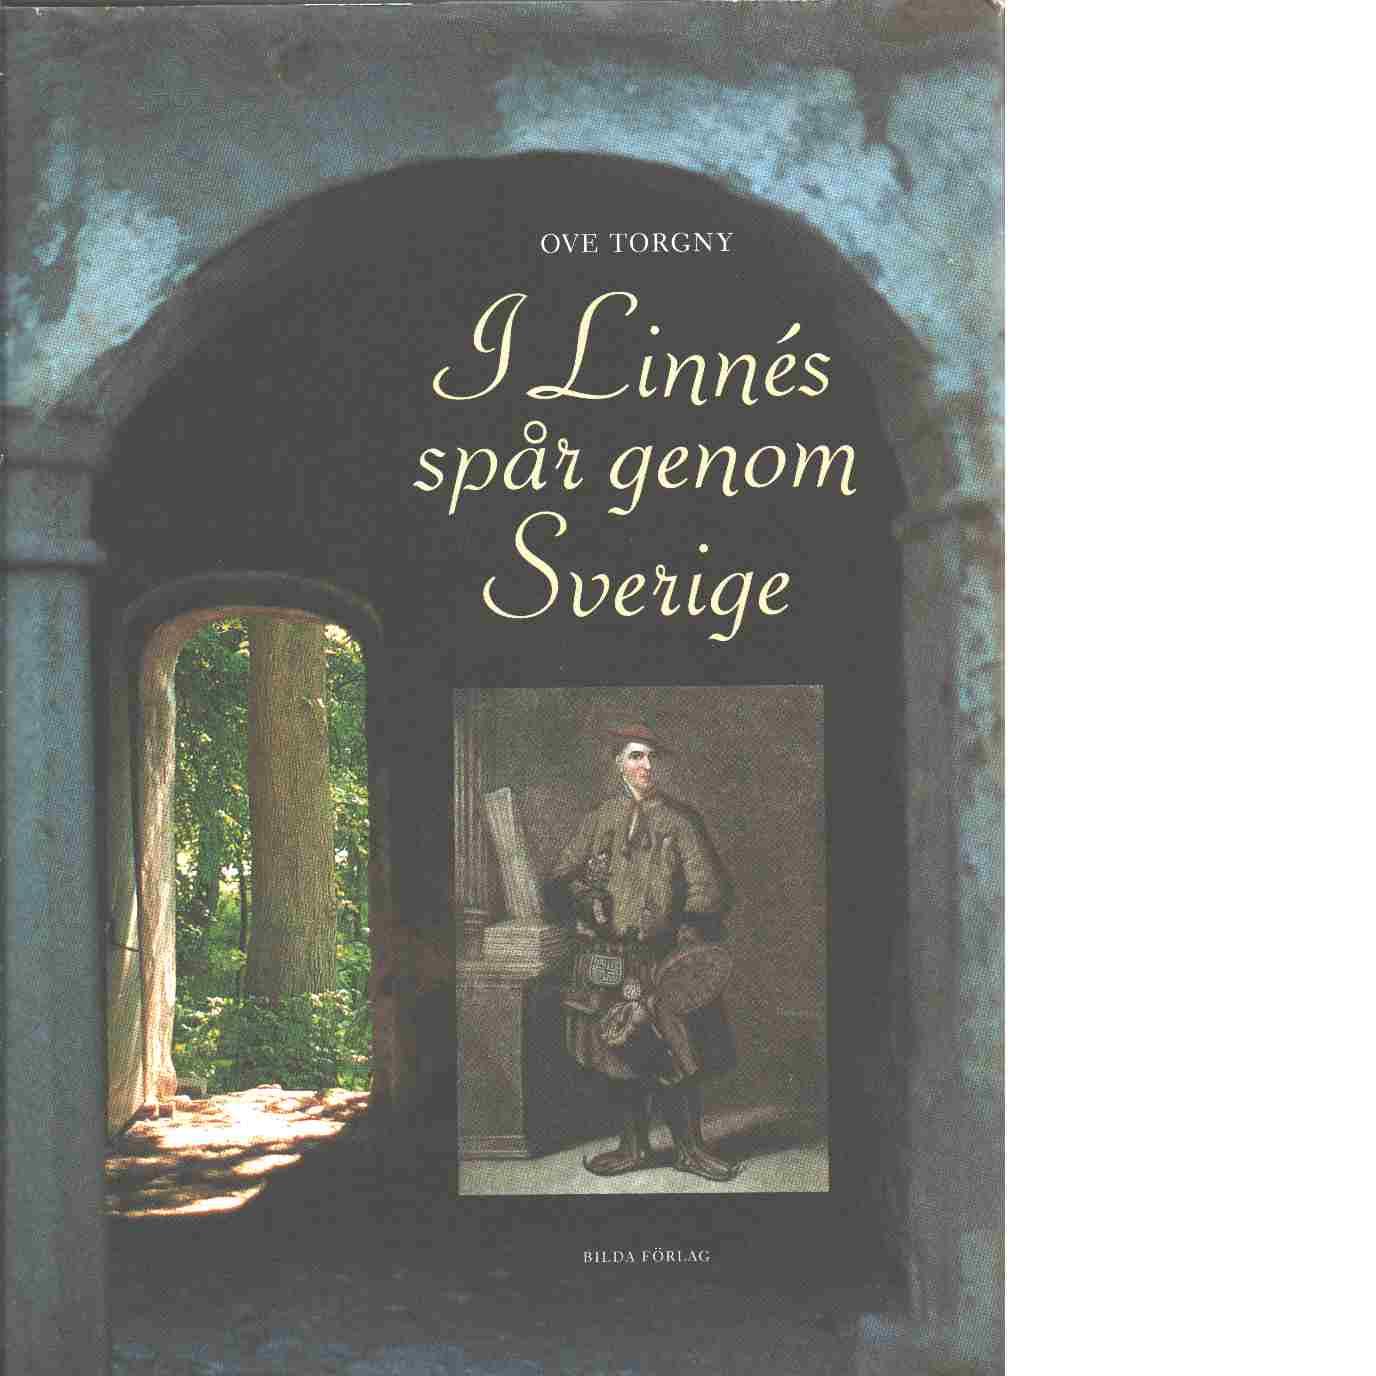 I Linnés spår genom Sverige - Torgny, Ove